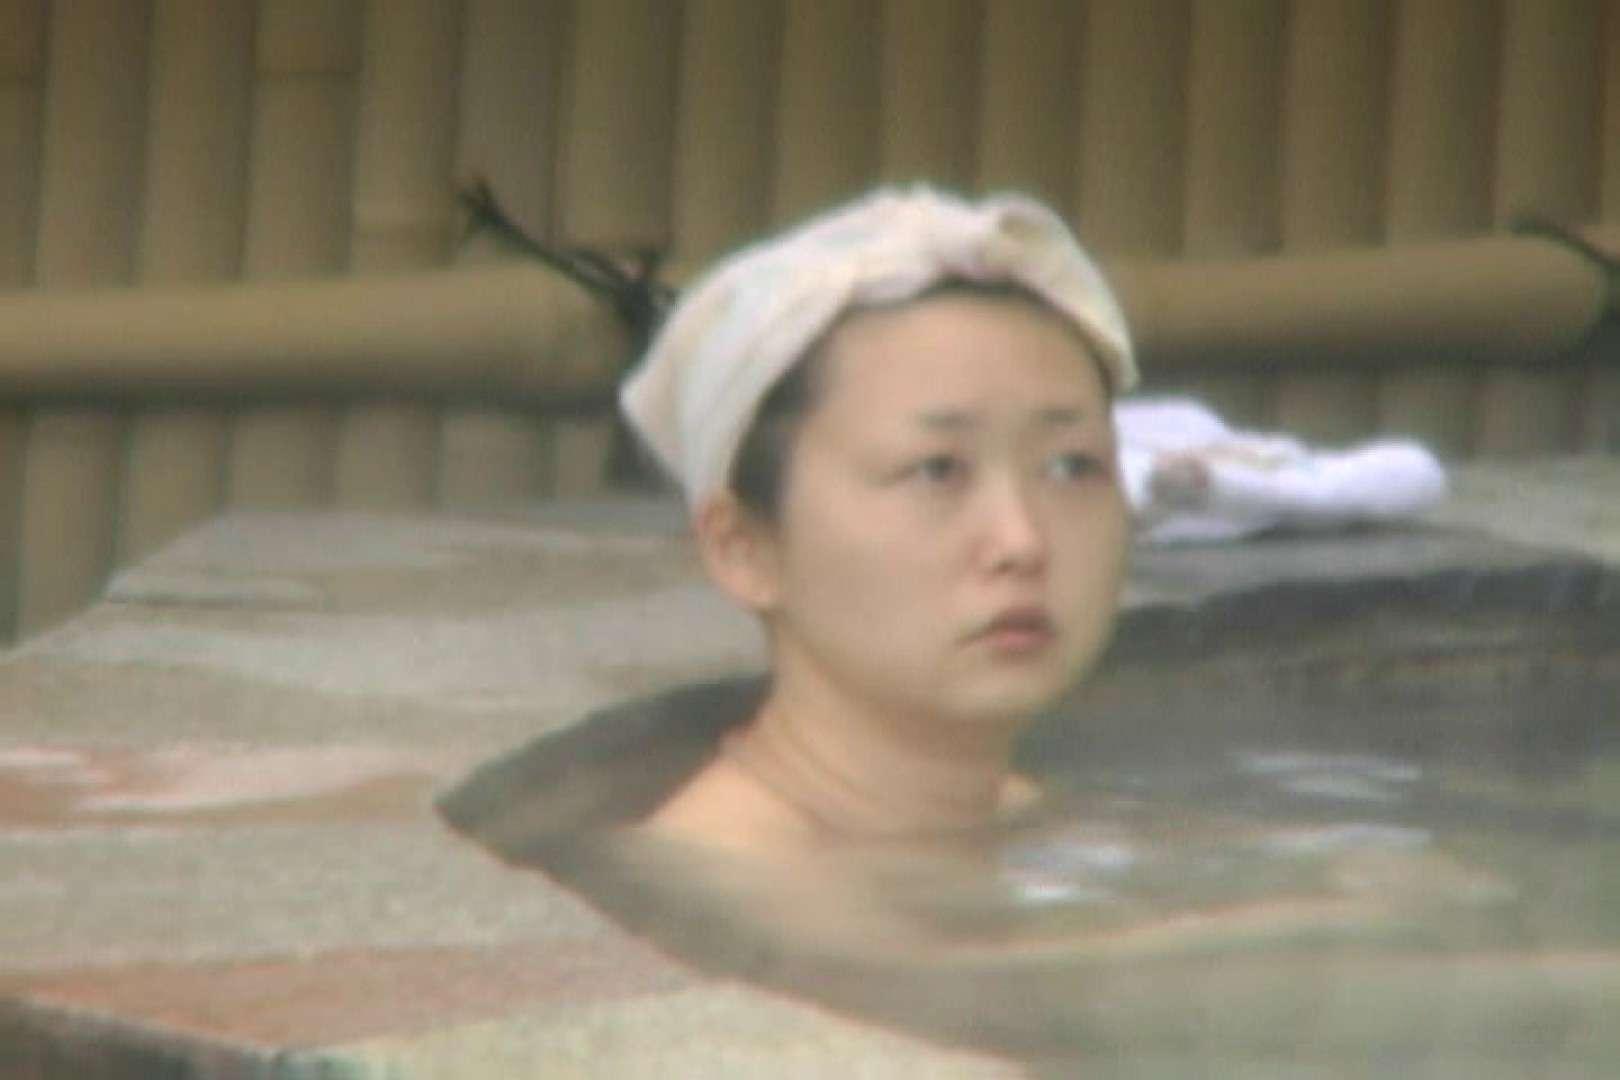 Aquaな露天風呂Vol.564 美しいOLの裸体  100pic 63